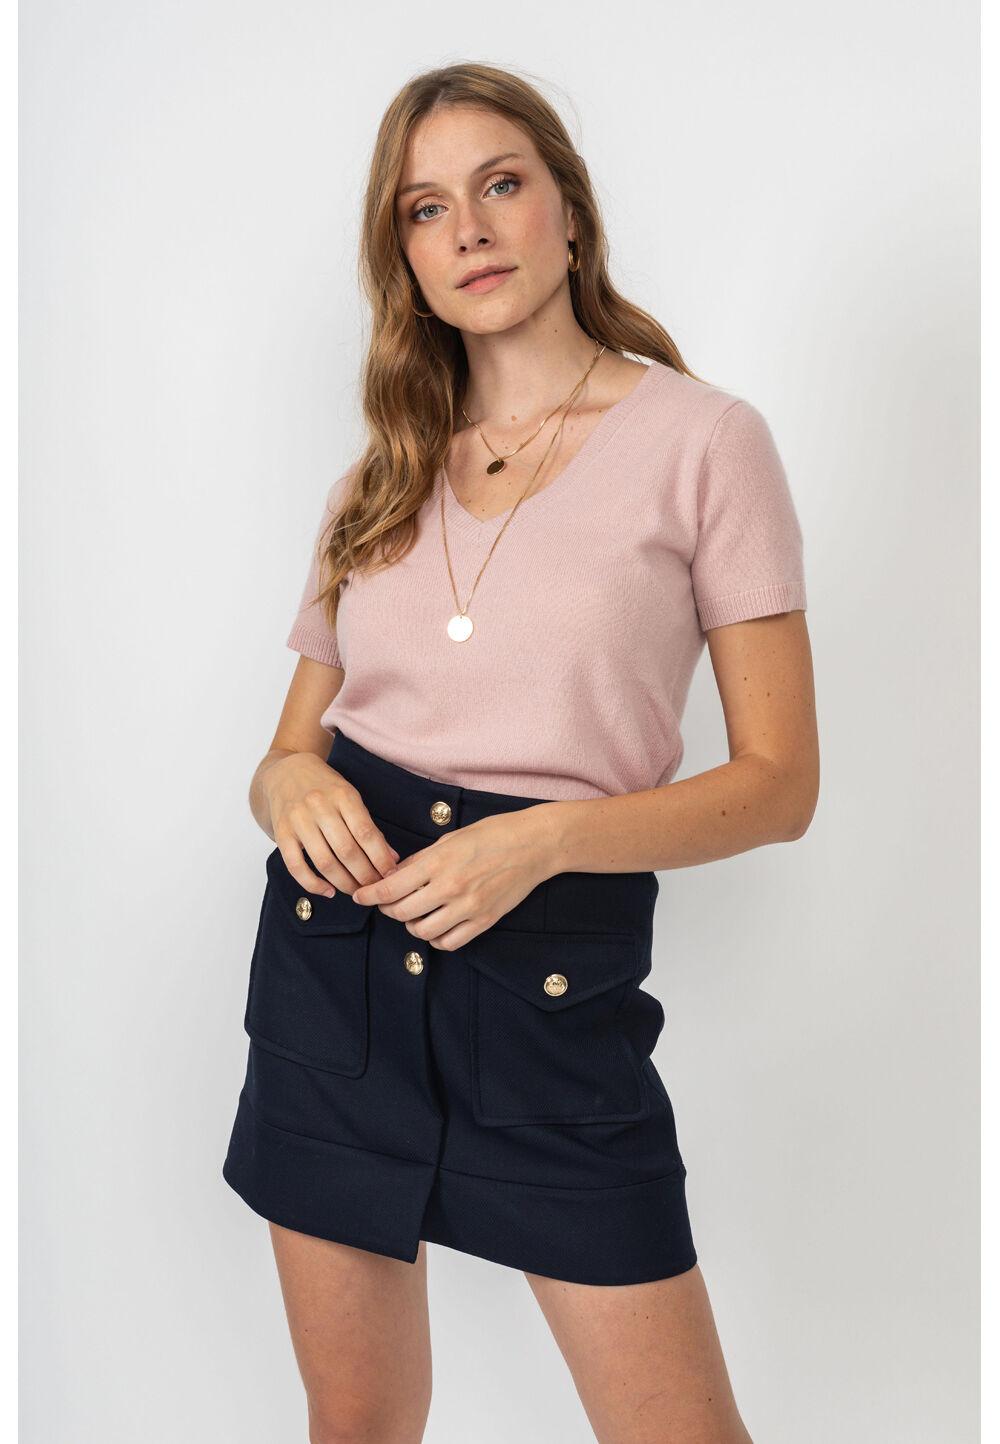 Perfect Cashmere Feinstrick-Shirt, Kaschmir, Kurzarm, V-Ausschnitt rosa